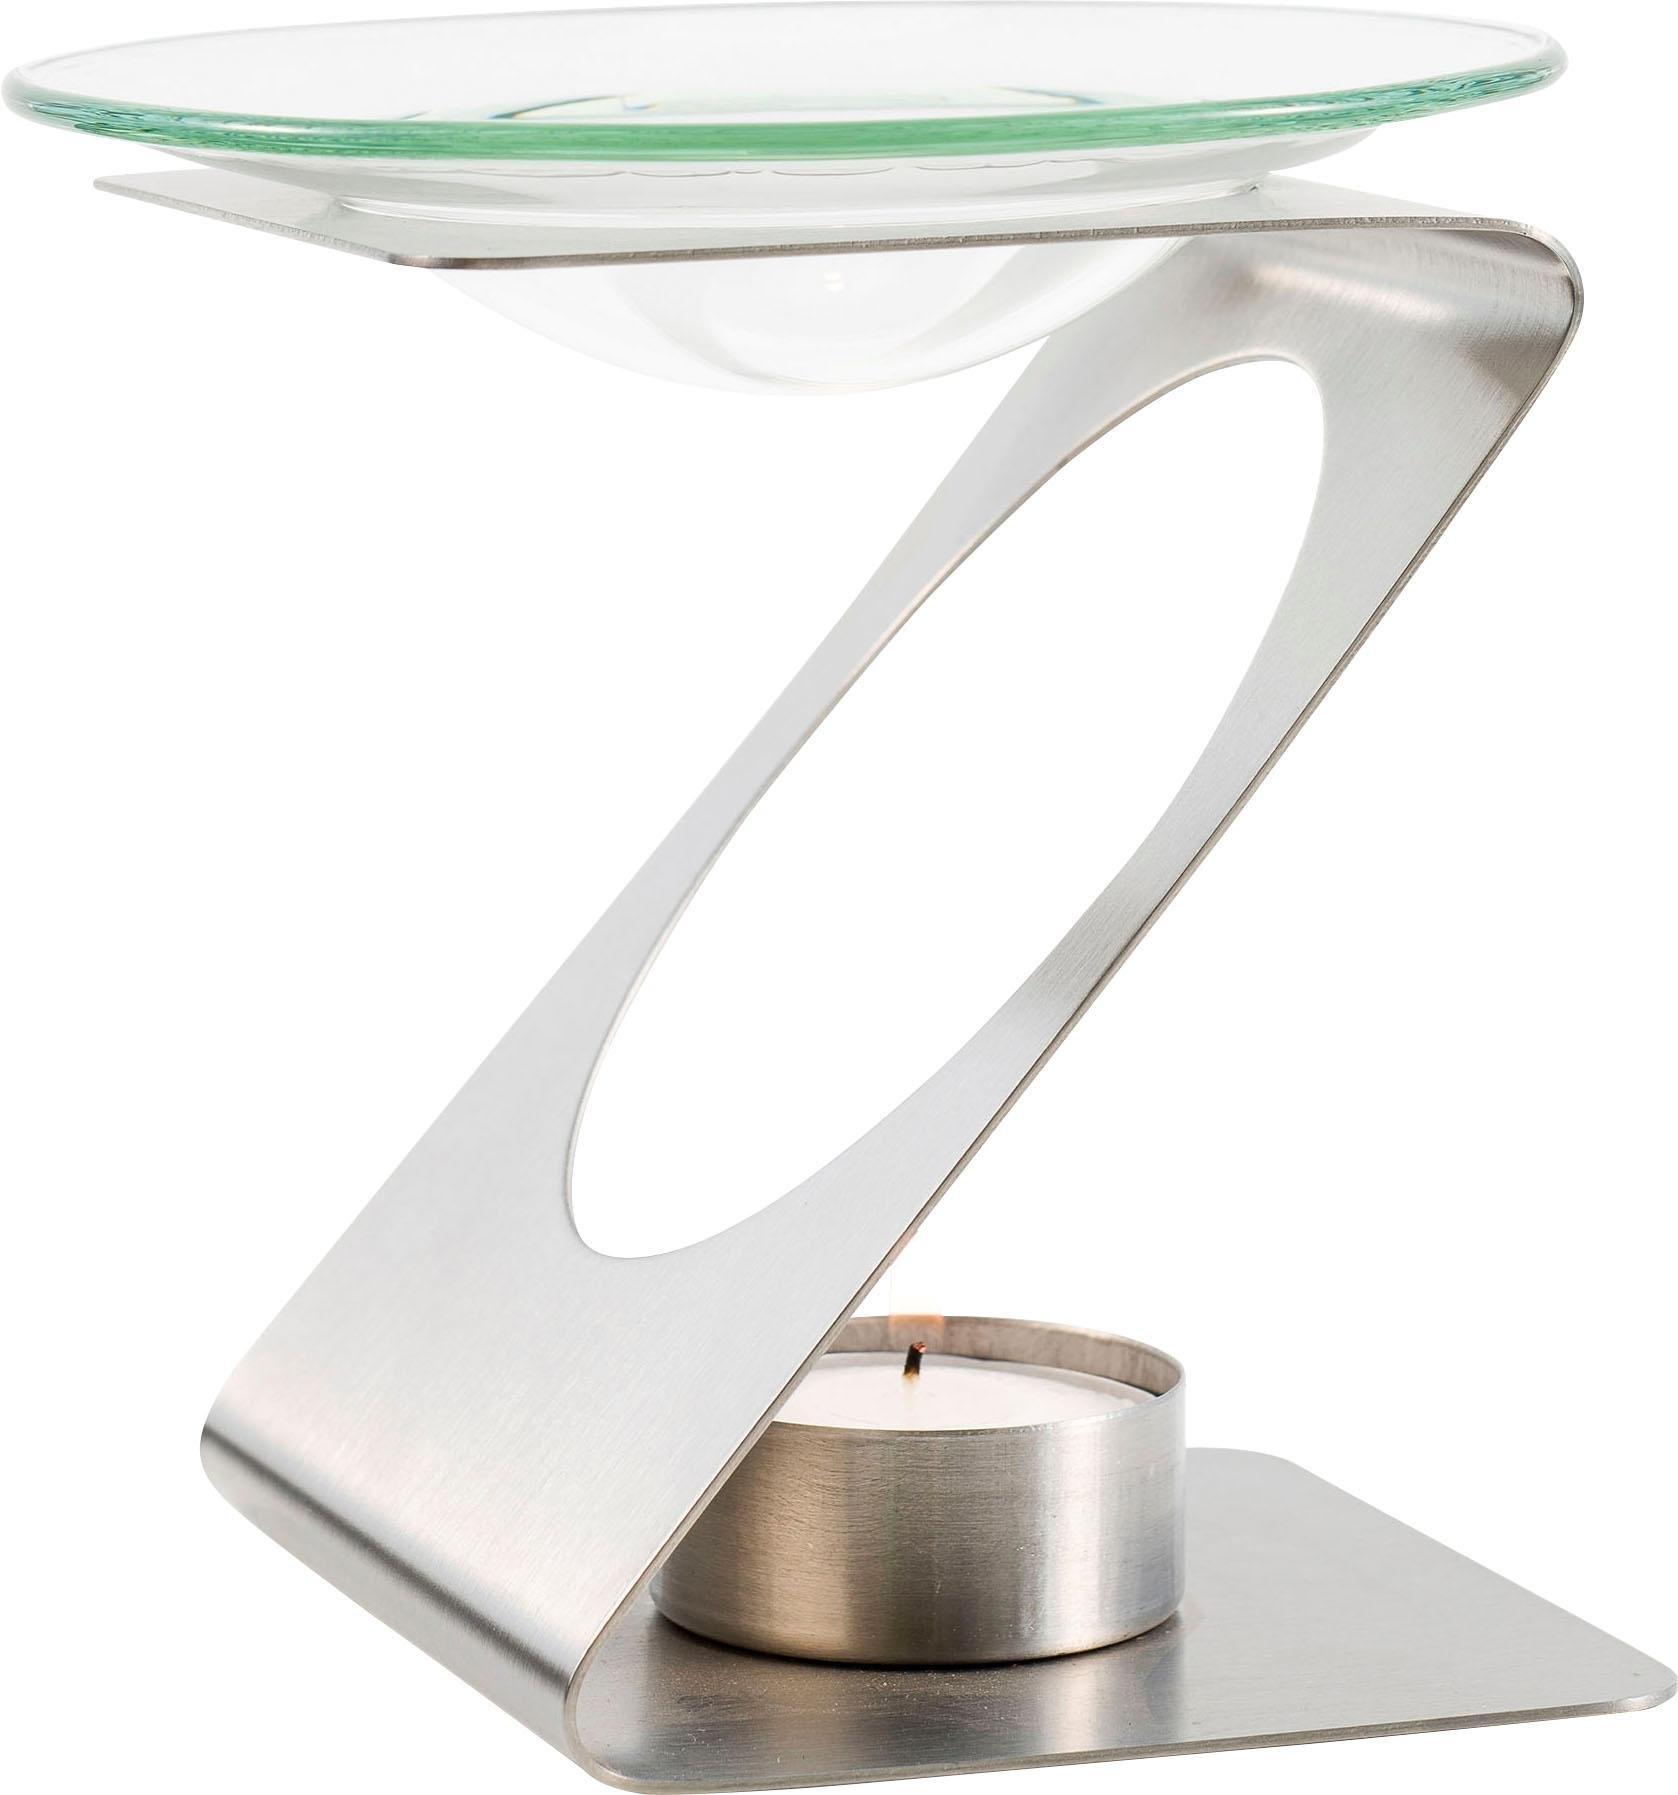 pajoma geurlamp Z van hoge kwaliteit in de webshop van OTTO kopen